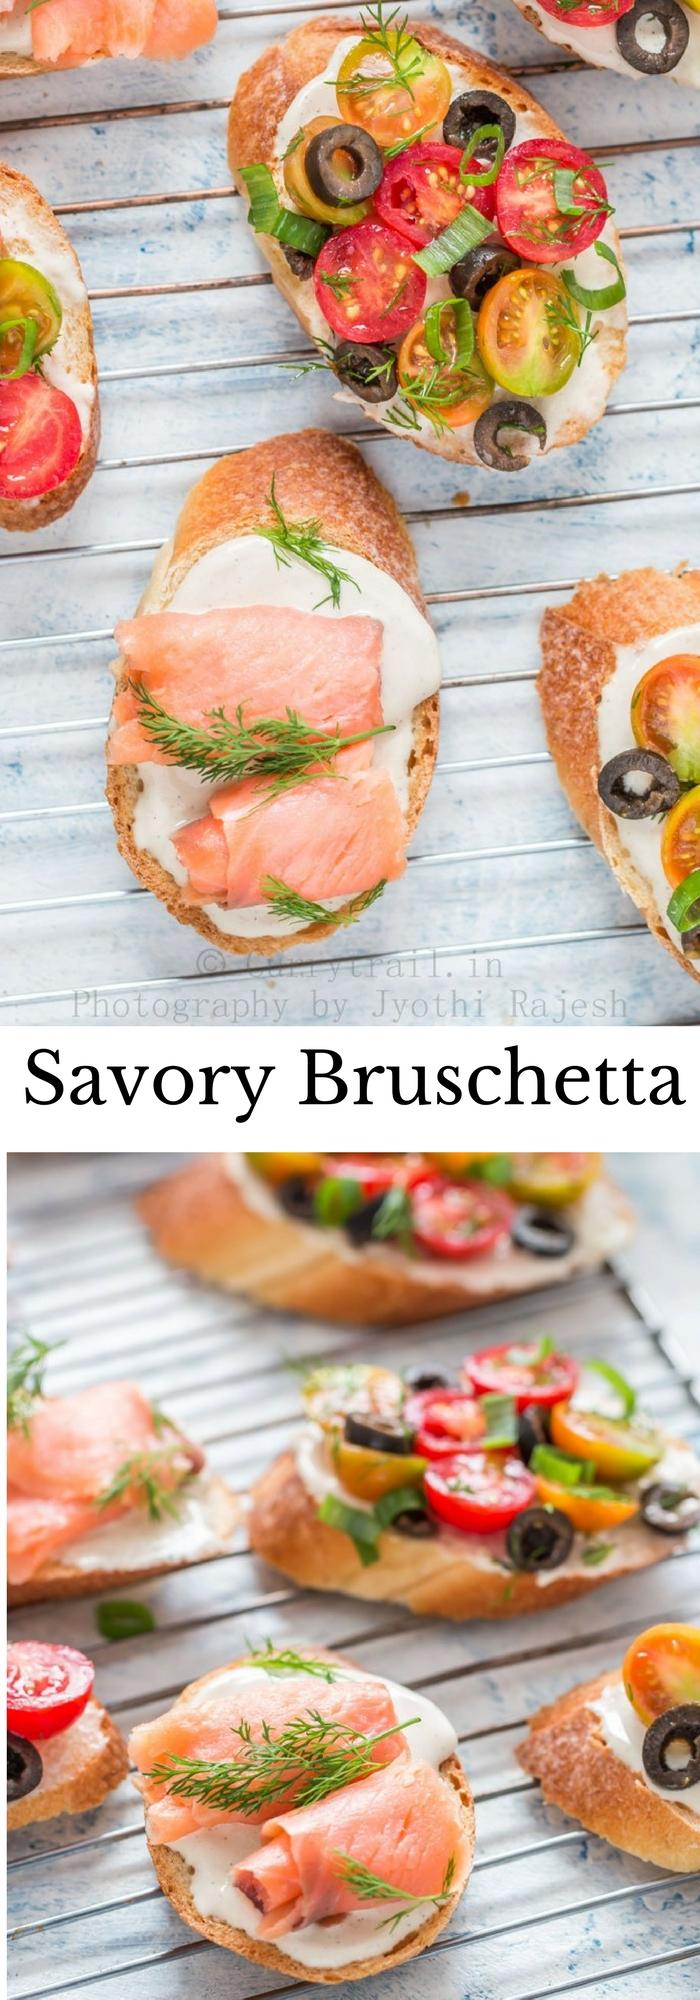 Savory Bruschetta